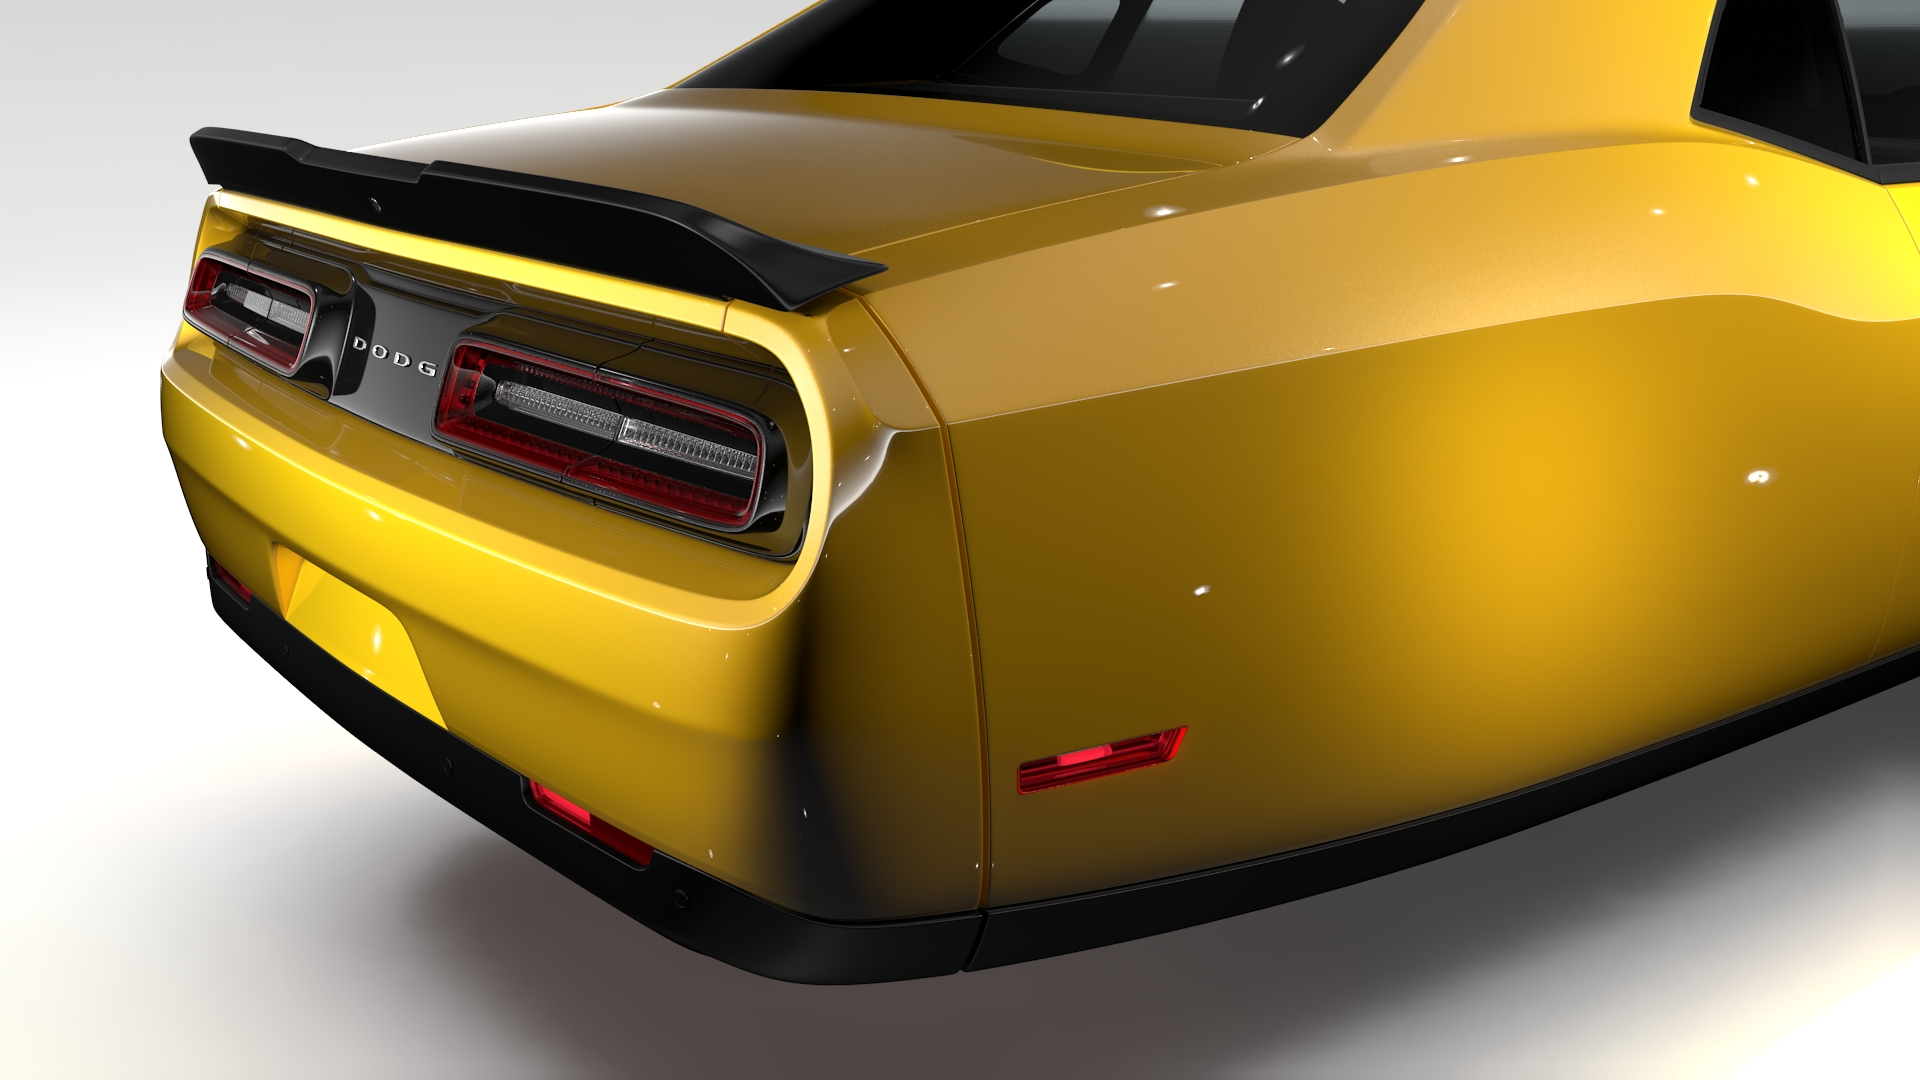 Dodge Challenger 392 shaker (lc) 2016 yn hedfan model 3d 3ds max fbx c4d ar gyfer yr hrc xsi obj 220609